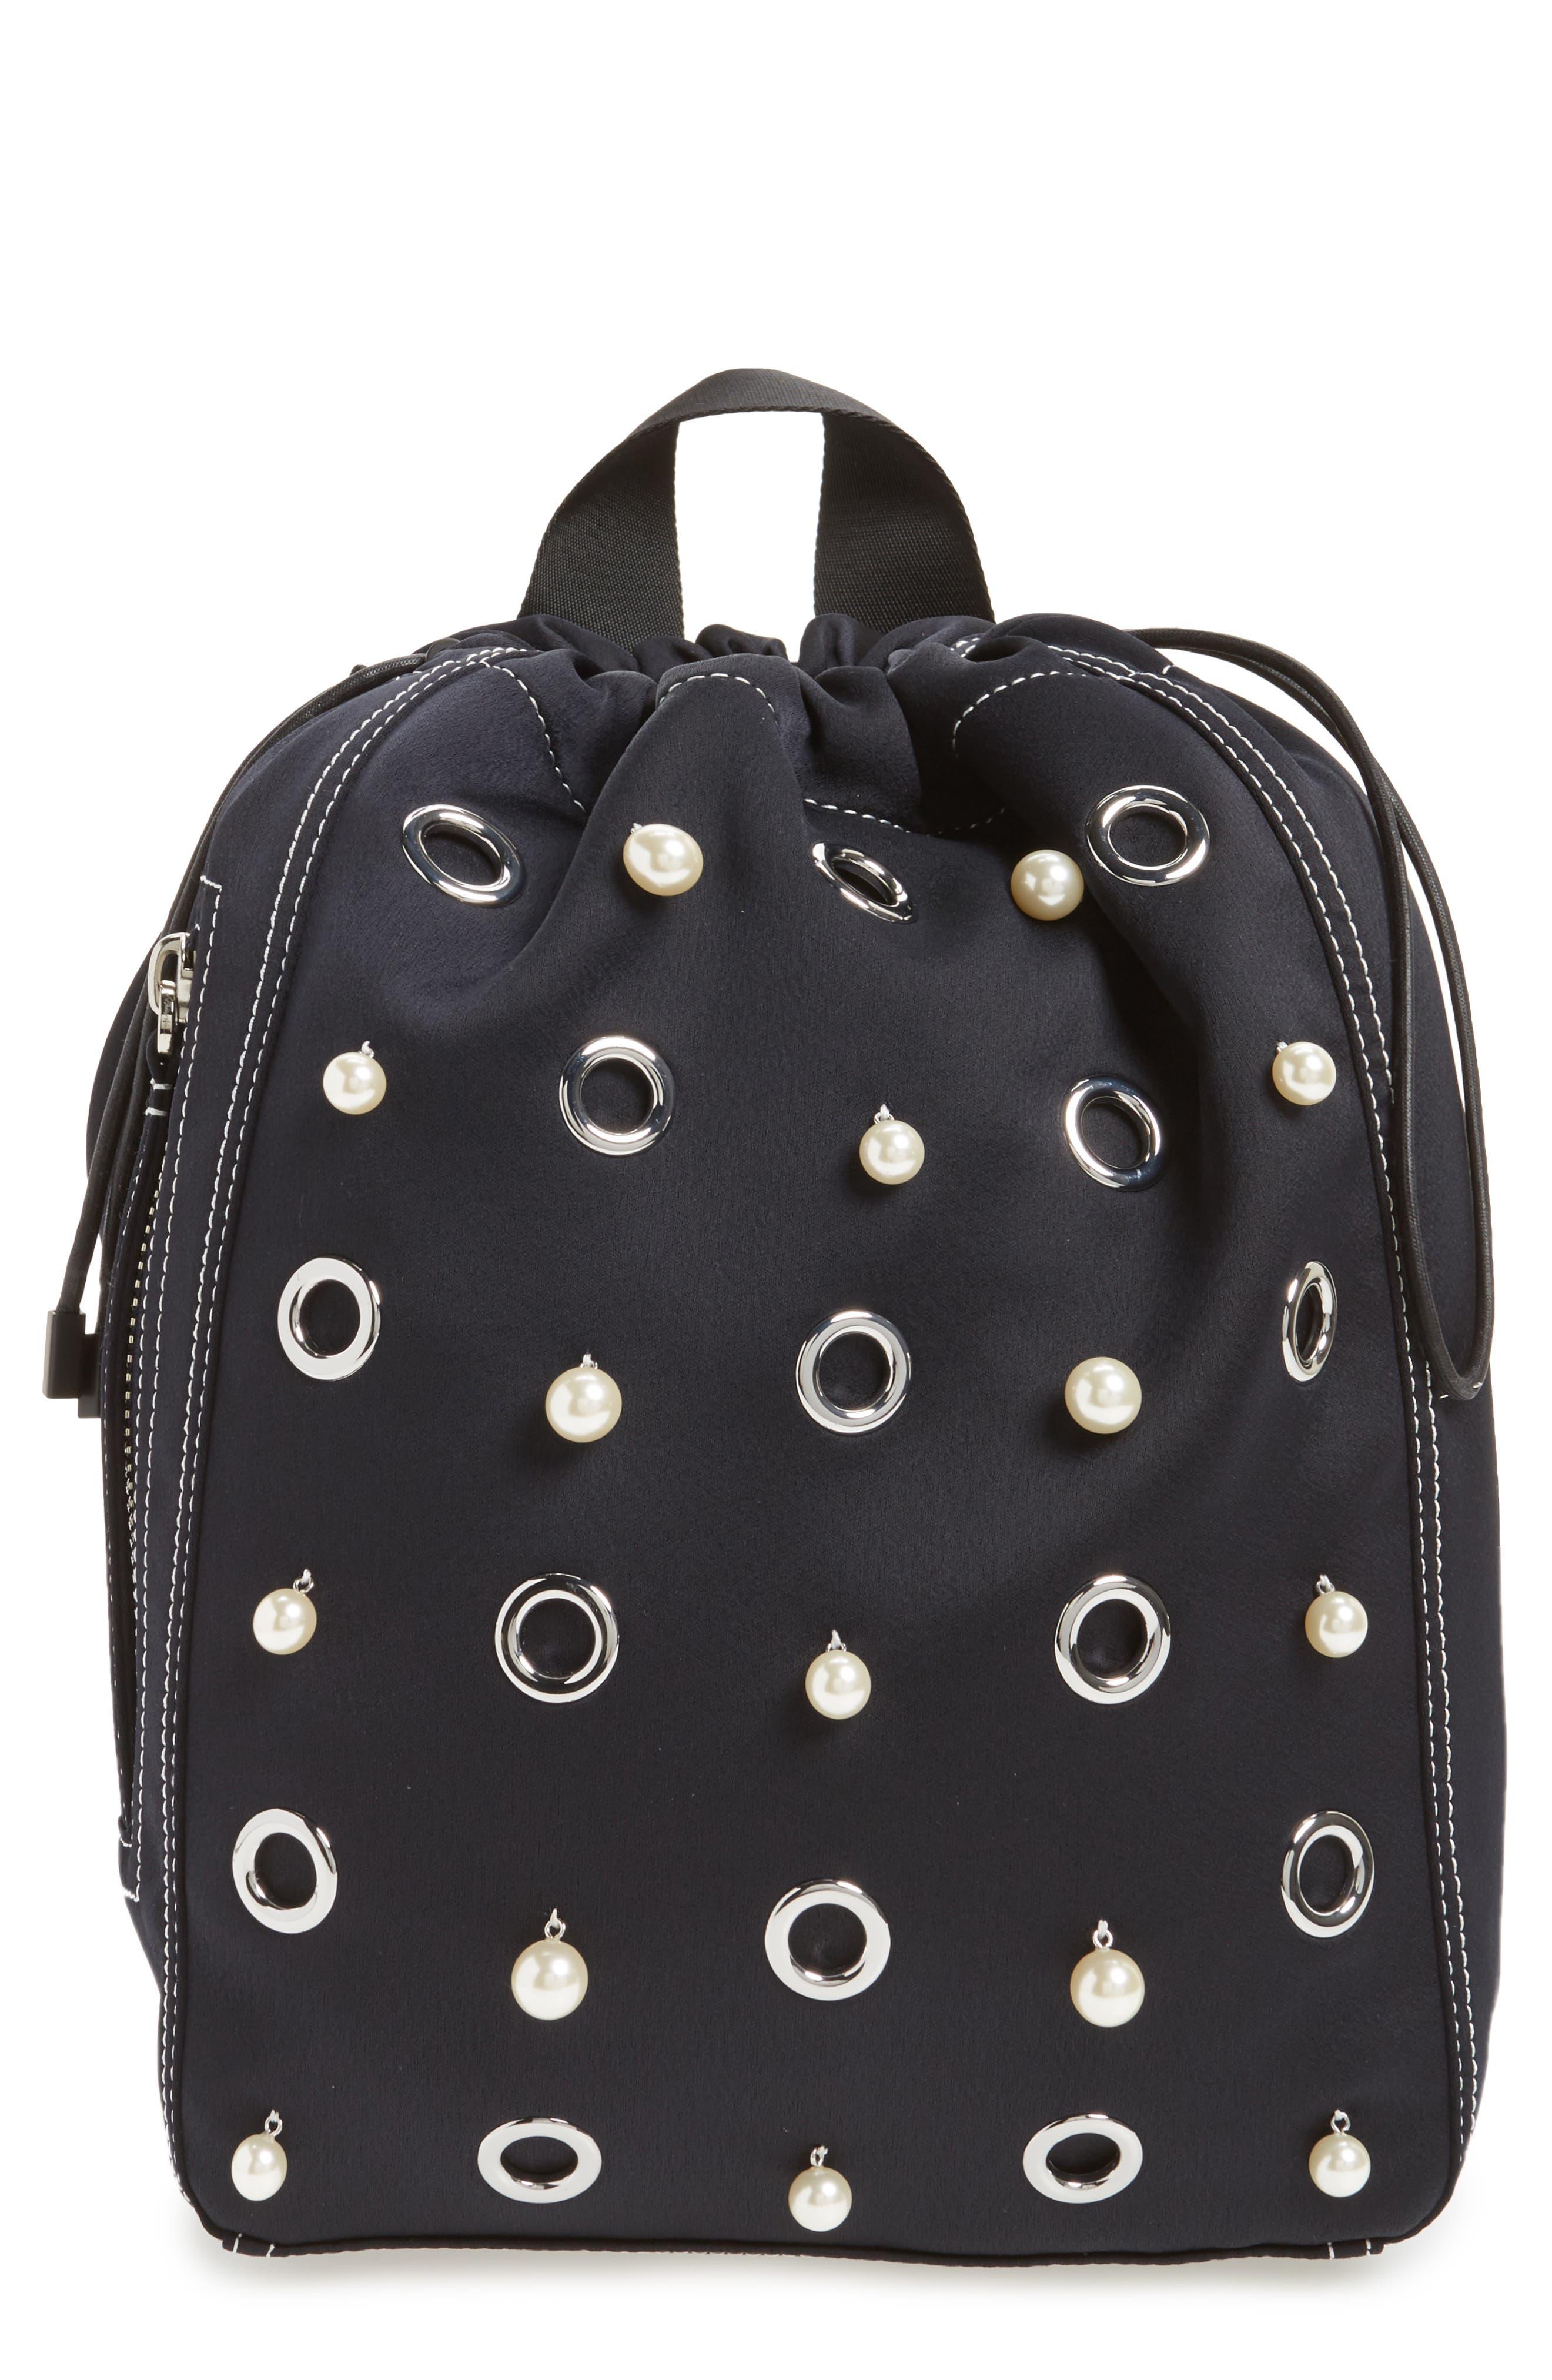 Alternate Image 1 Selected - Phillip Lim 3.1 Medium Go-Go Embellished Backpack